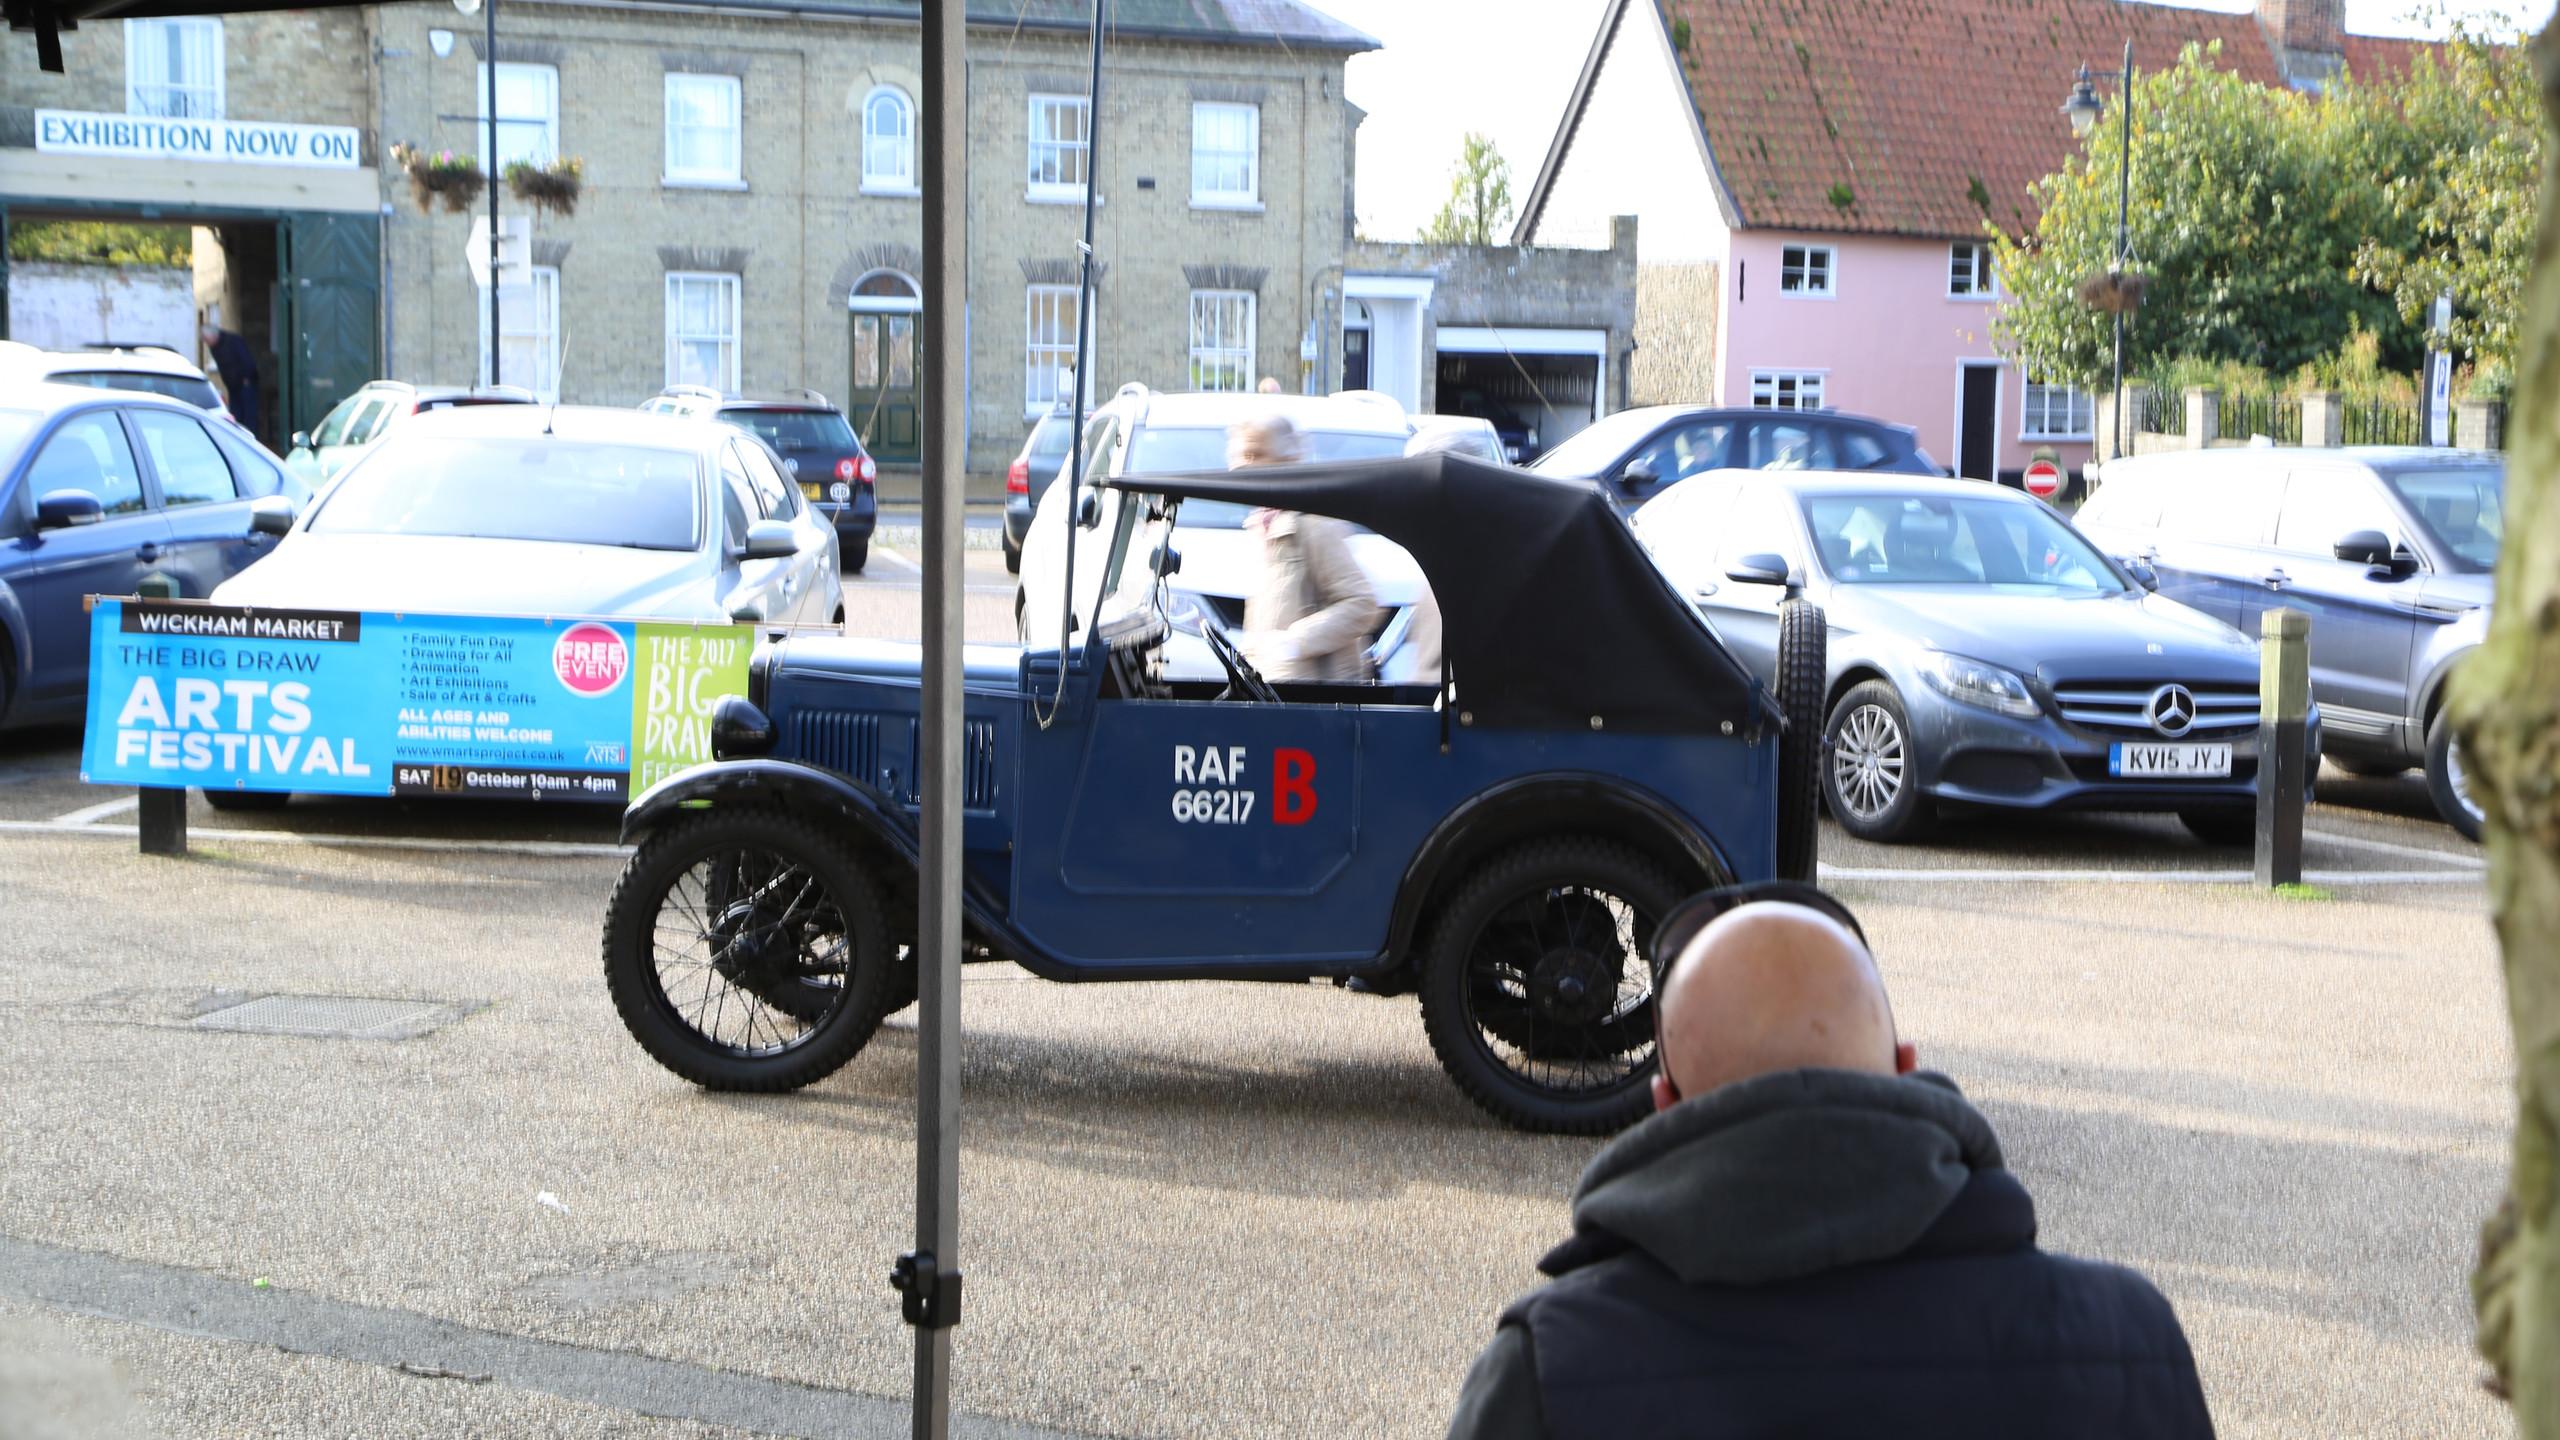 Blue RAF car